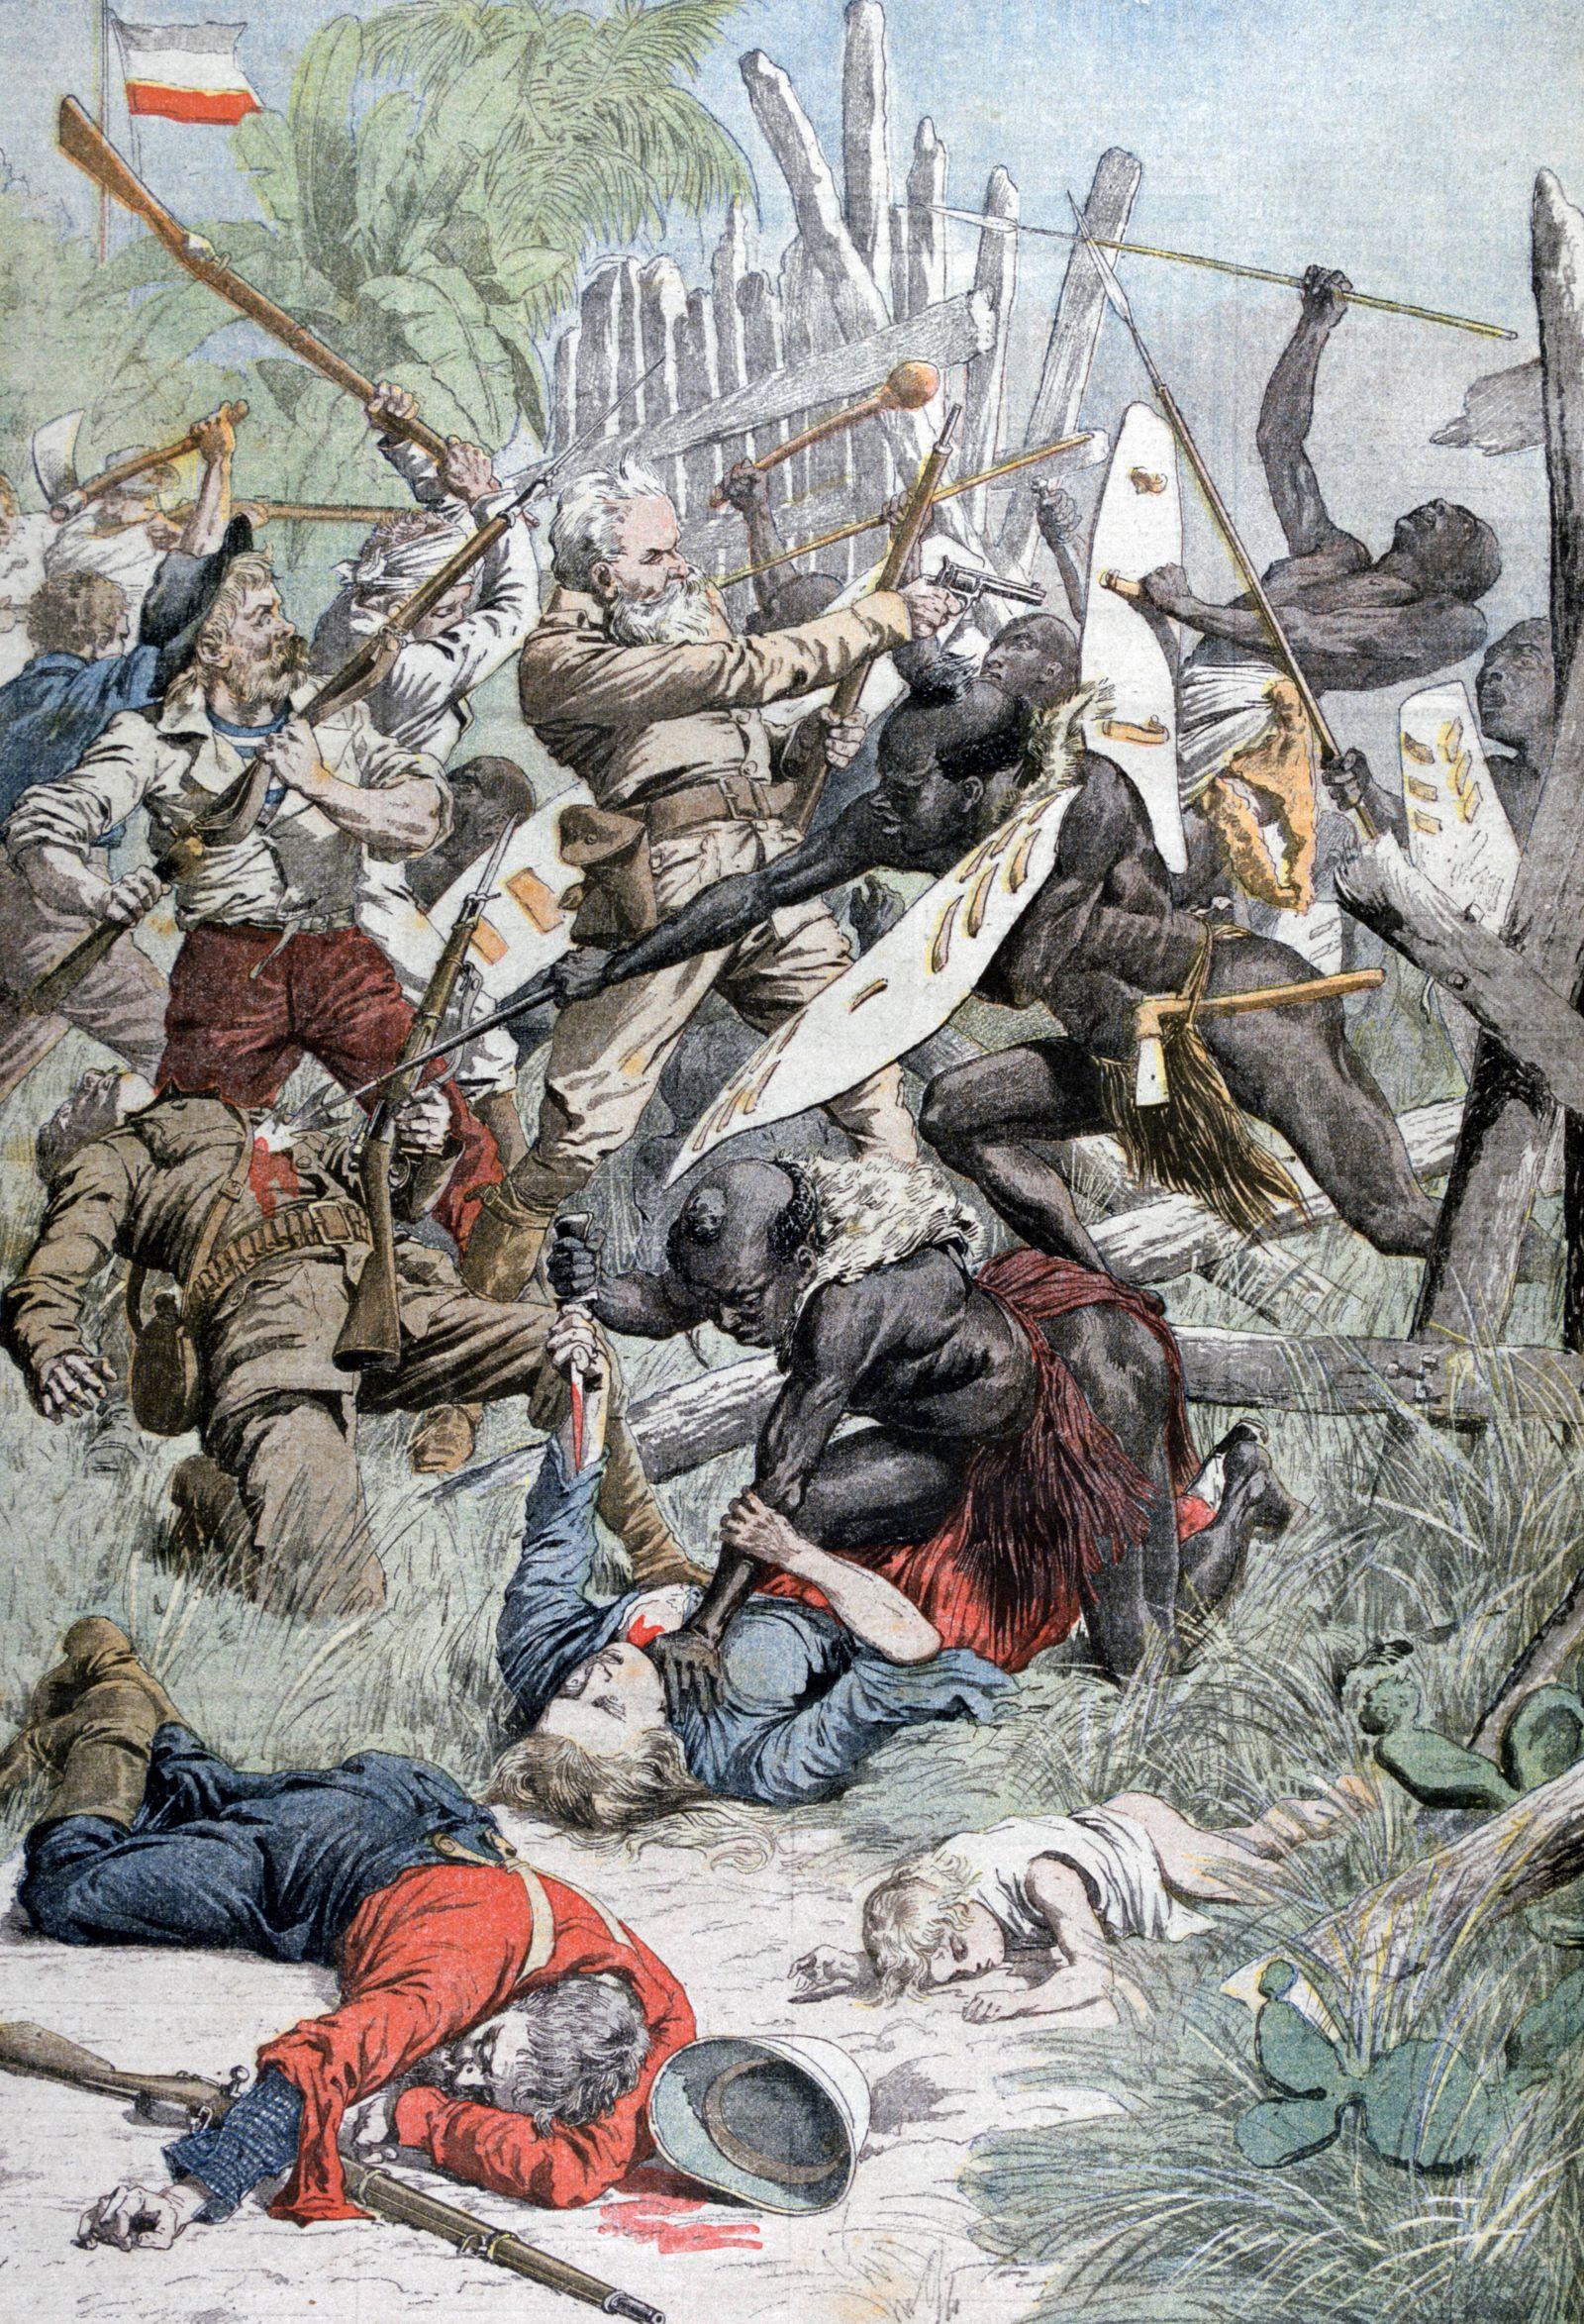 The Maji Rebellion Maji Maji Aufstand was an armed rebellion against German colonial rule in Germ